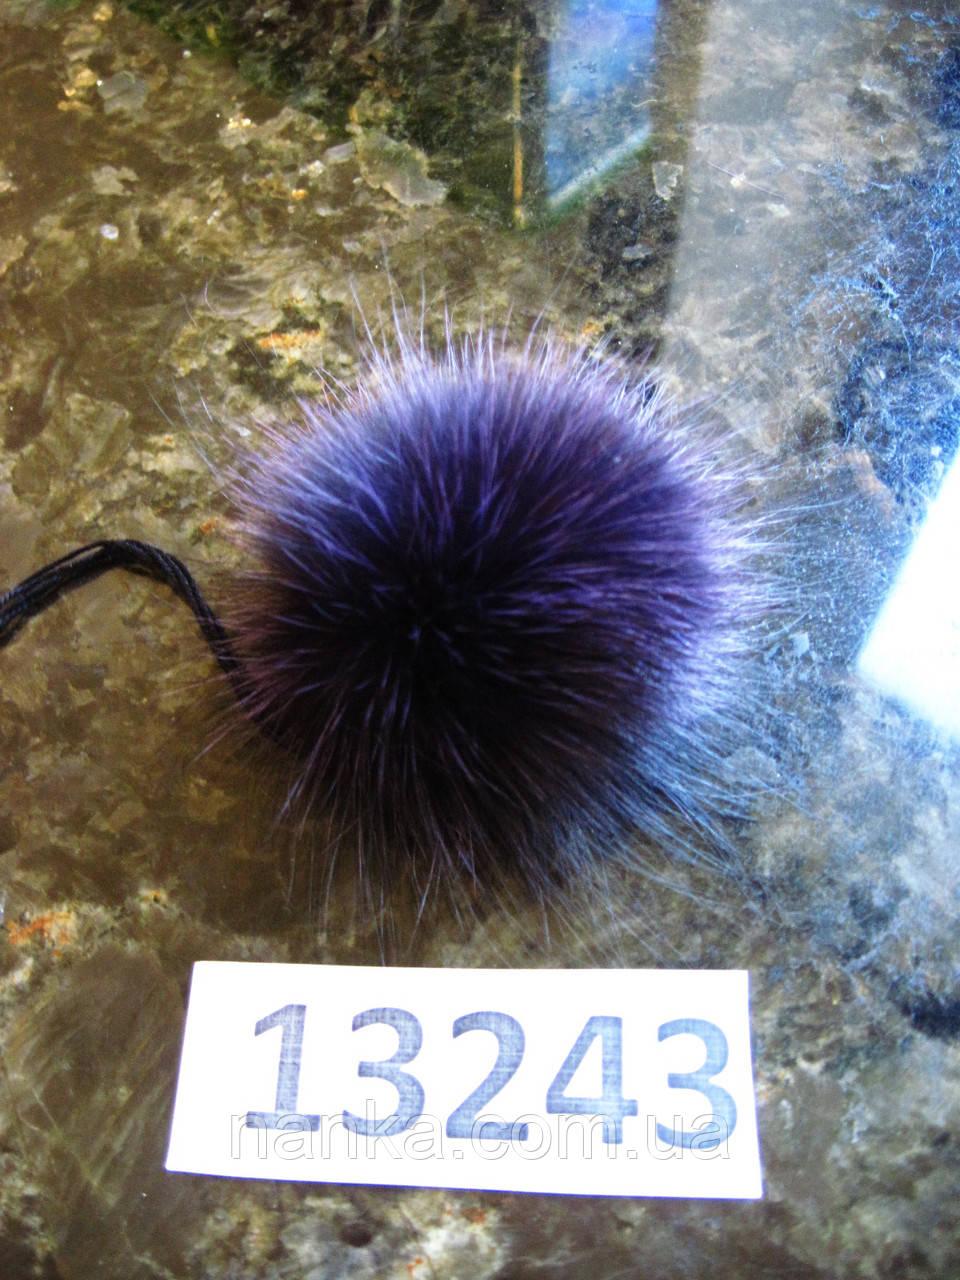 Меховой помпон Чернобурка, Фиолет, 7 см, 13243